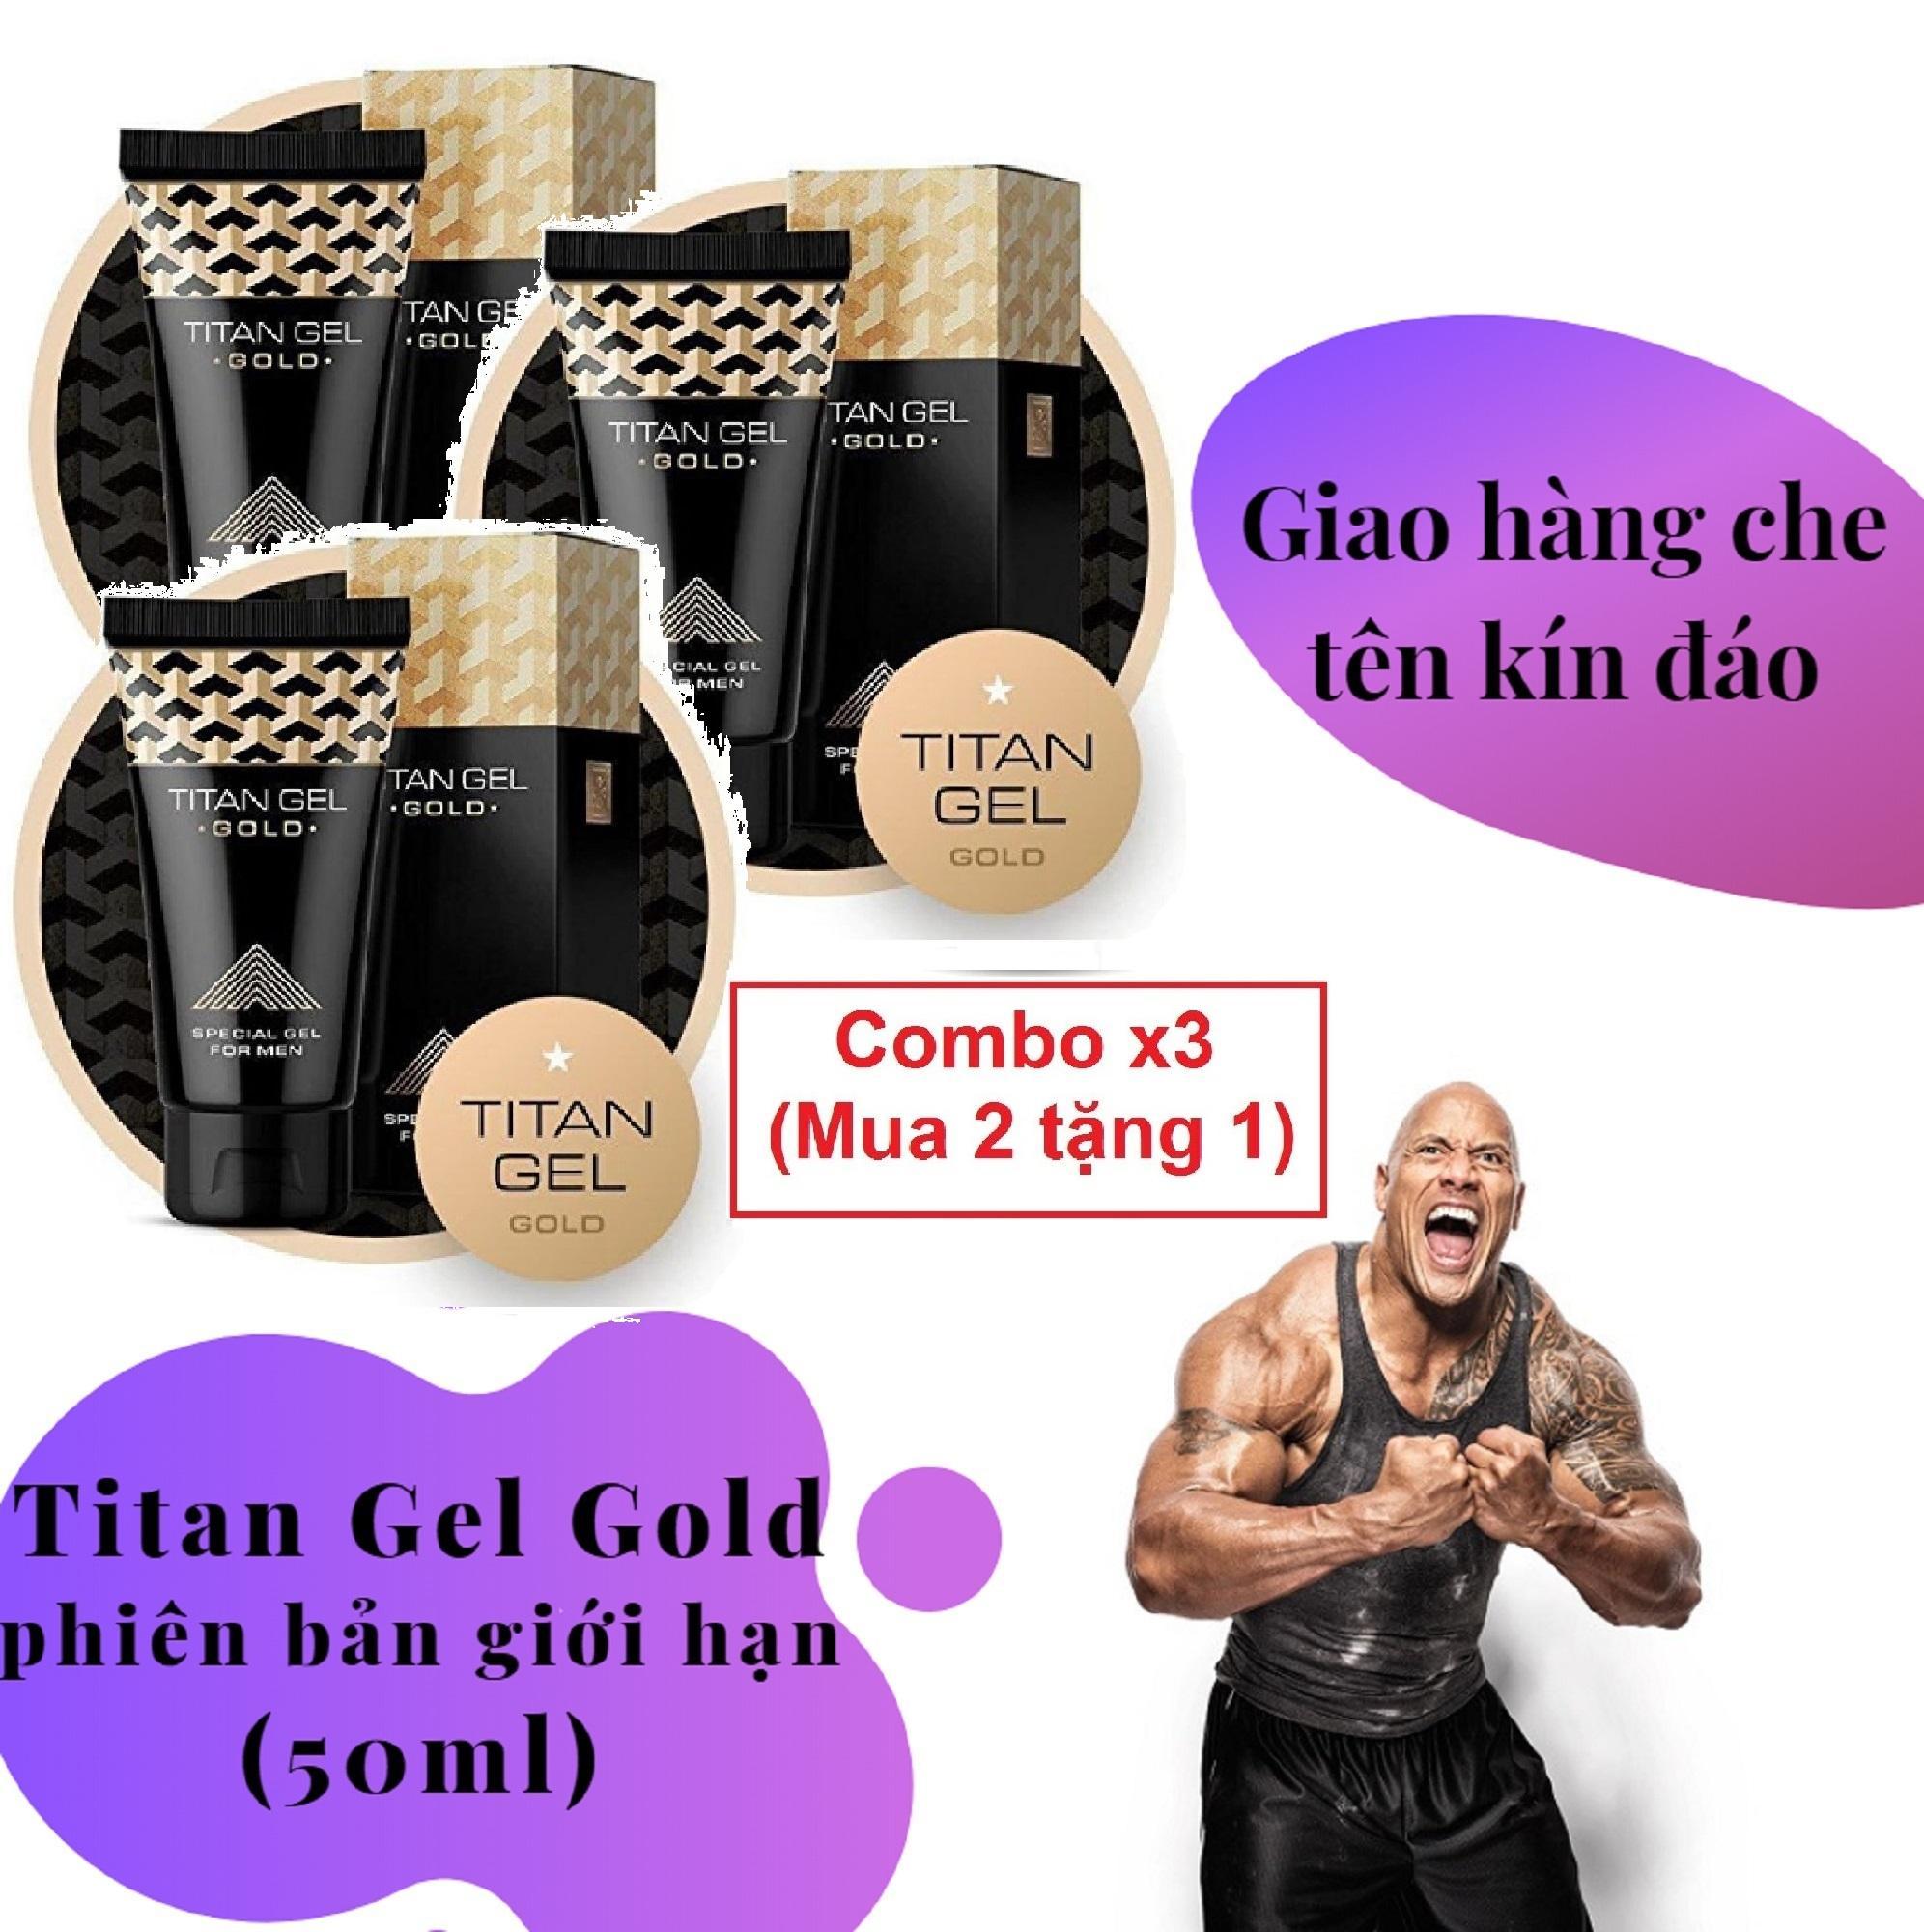 Combo x3 (Mua 2 tặng 1) [ Lô mới nhất ] Gel-Titan-Nga Gold cao cấp phiên bản giới hạn (50ml) (Che tên khi giao hàng)